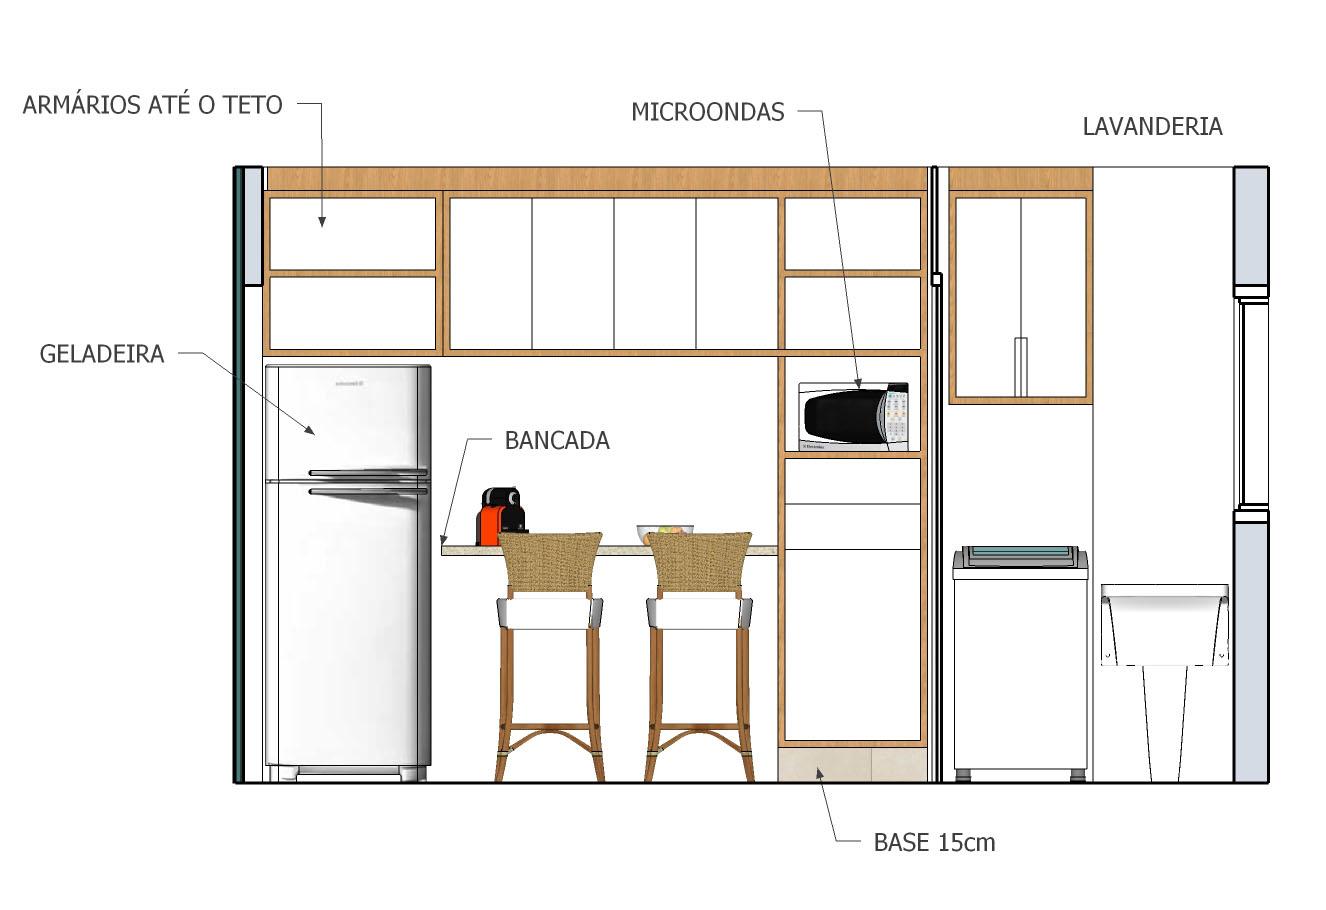 Armario Para Ropa Rimax ~ Projeto cozinha + lavanderia u2013 PeF u2013 KzaBlog Casa e Decoraç u00e3o